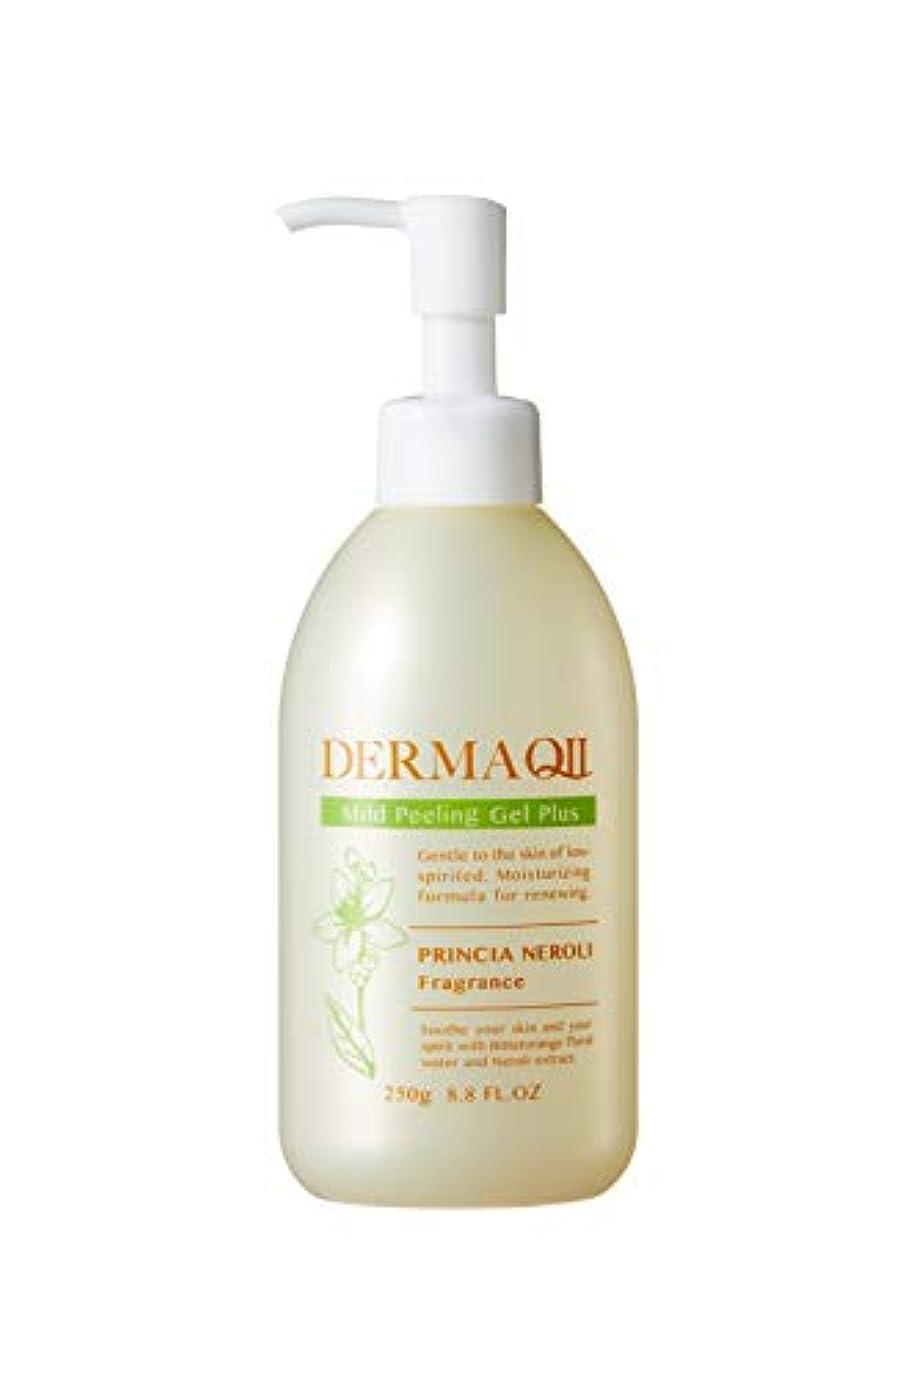 空一見ちらつき【公式】デルマキューⅡ マイルドピーリングゲル プラス プリンシアネロリの香り 250g(6ヶ月分)